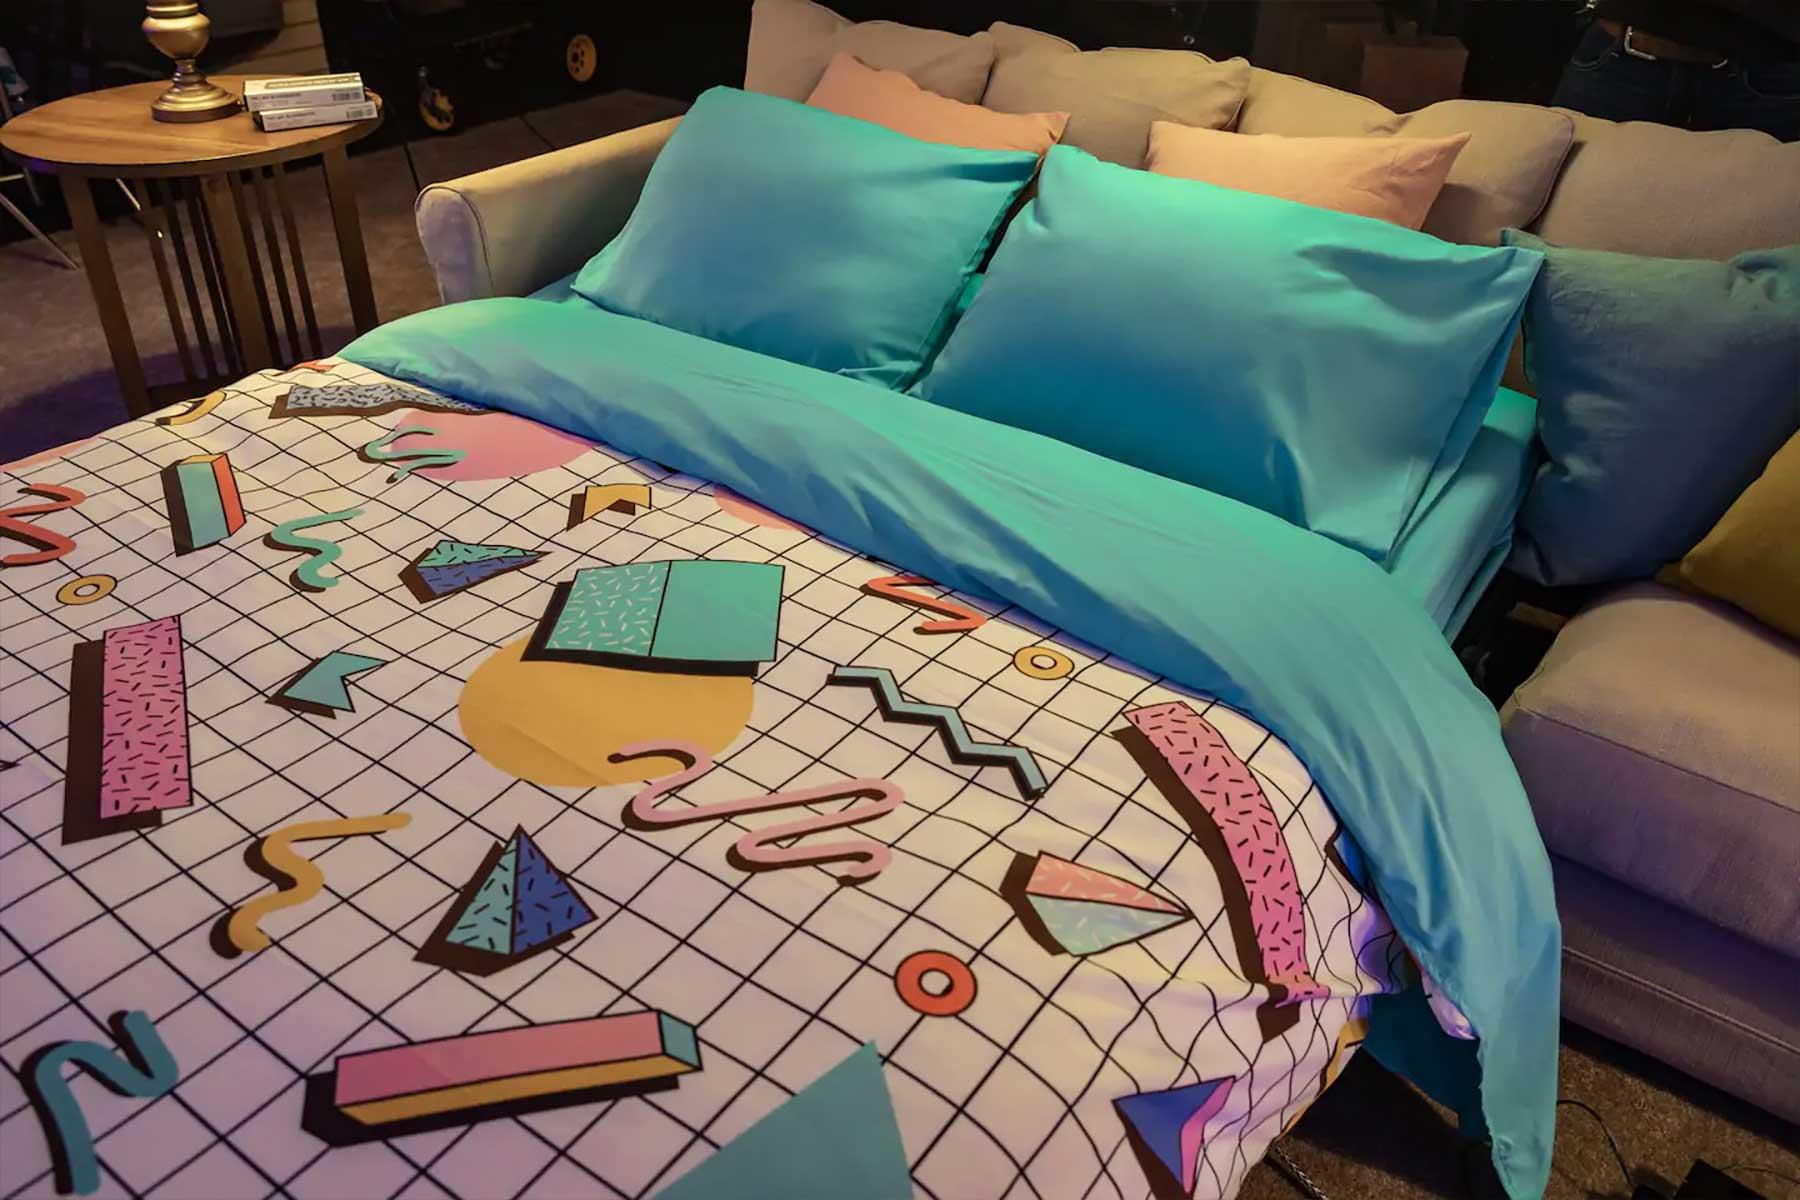 In der letzten Blockbuster-Filiale der Welt per Airbnb übernachten Blockbuster-letzte-filiale-airbnb-uebernachtung_05